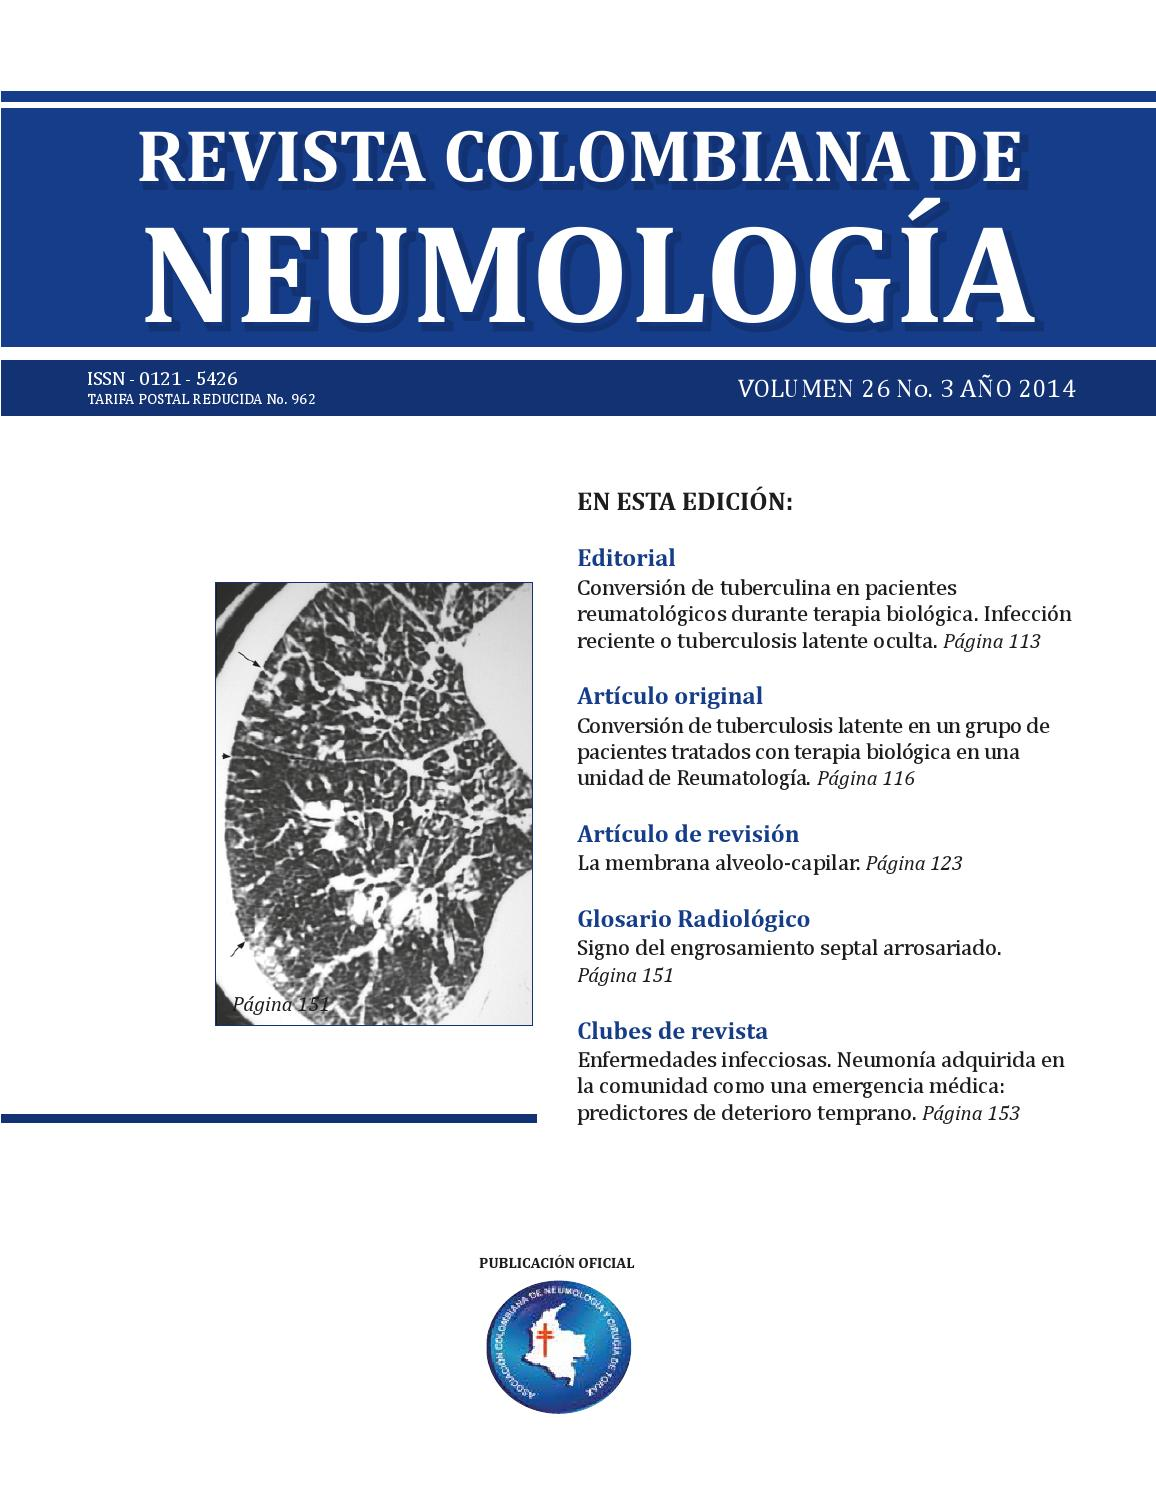 Tarifa de publicación de la revista de hipertensión